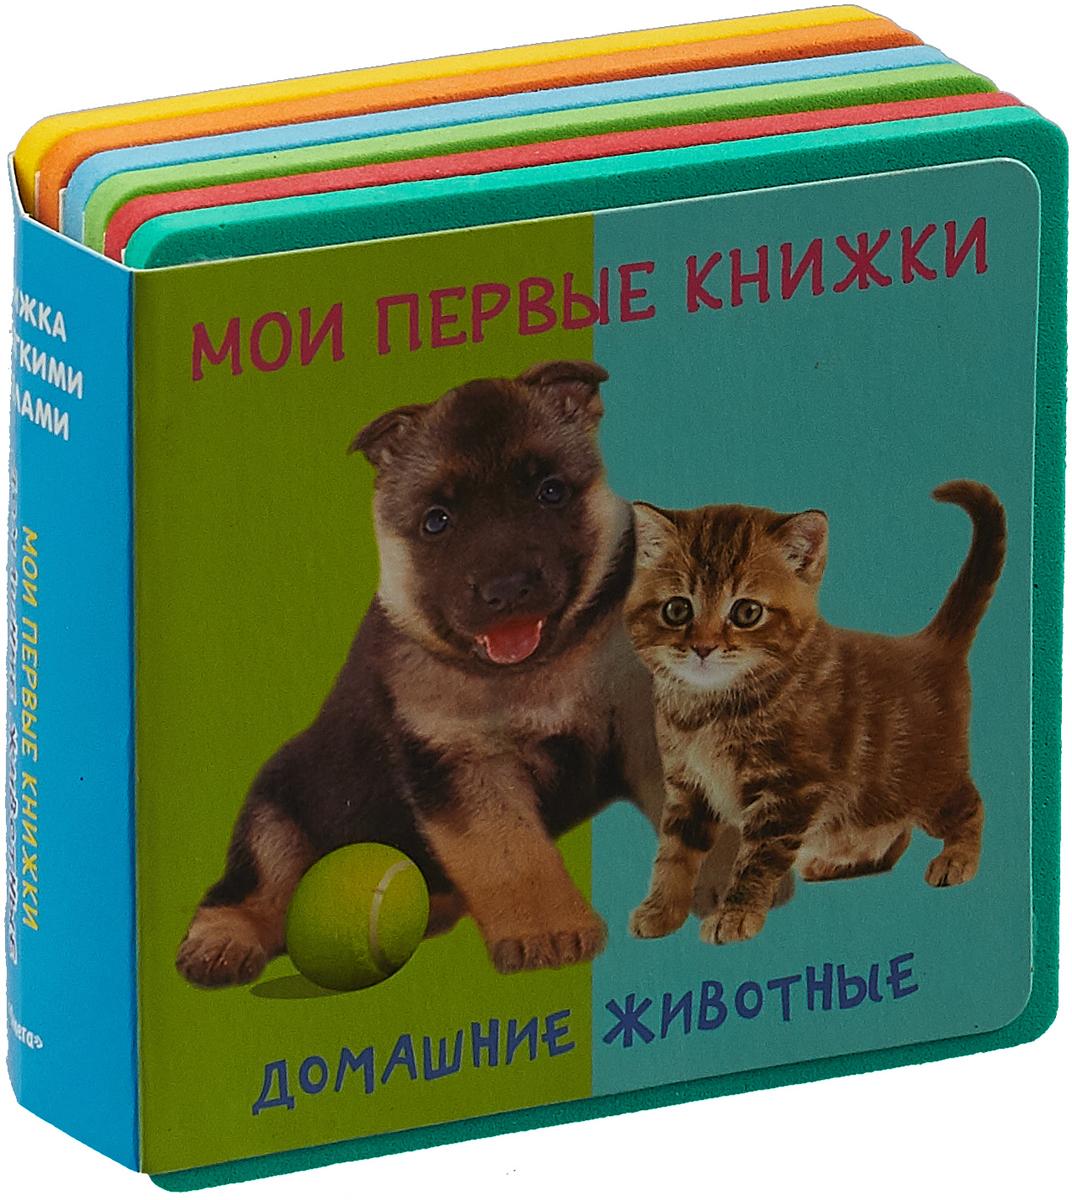 Мои первые книжки. Домашние животные. Книжка с мягкими пазлами